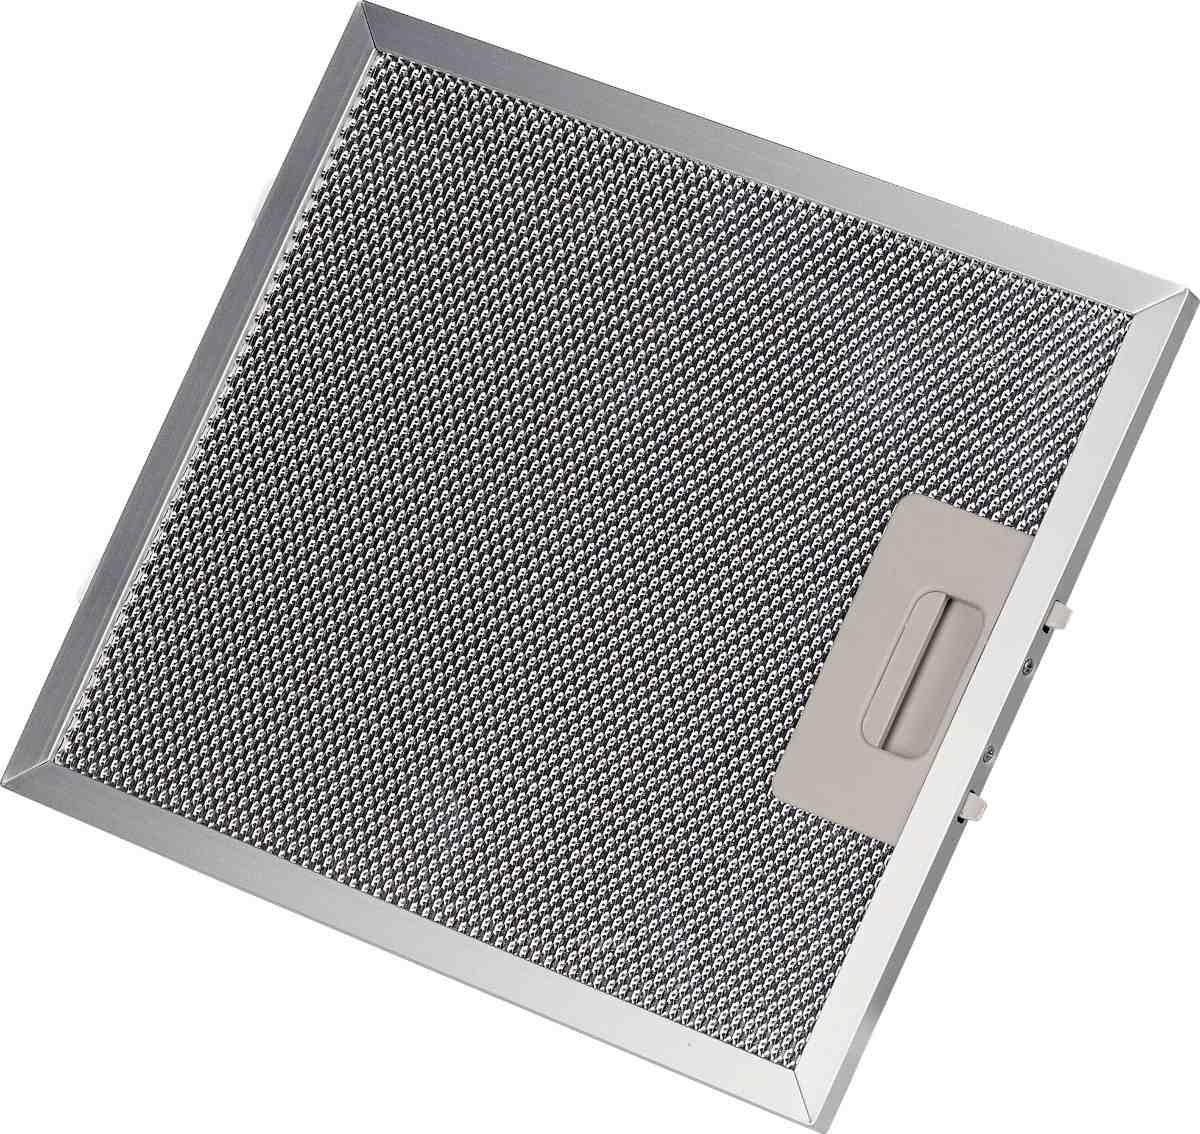 Kit 03 Filtros de alumínio lavável para Coifa Topazio 90cm Suggar  - HL SERVICE